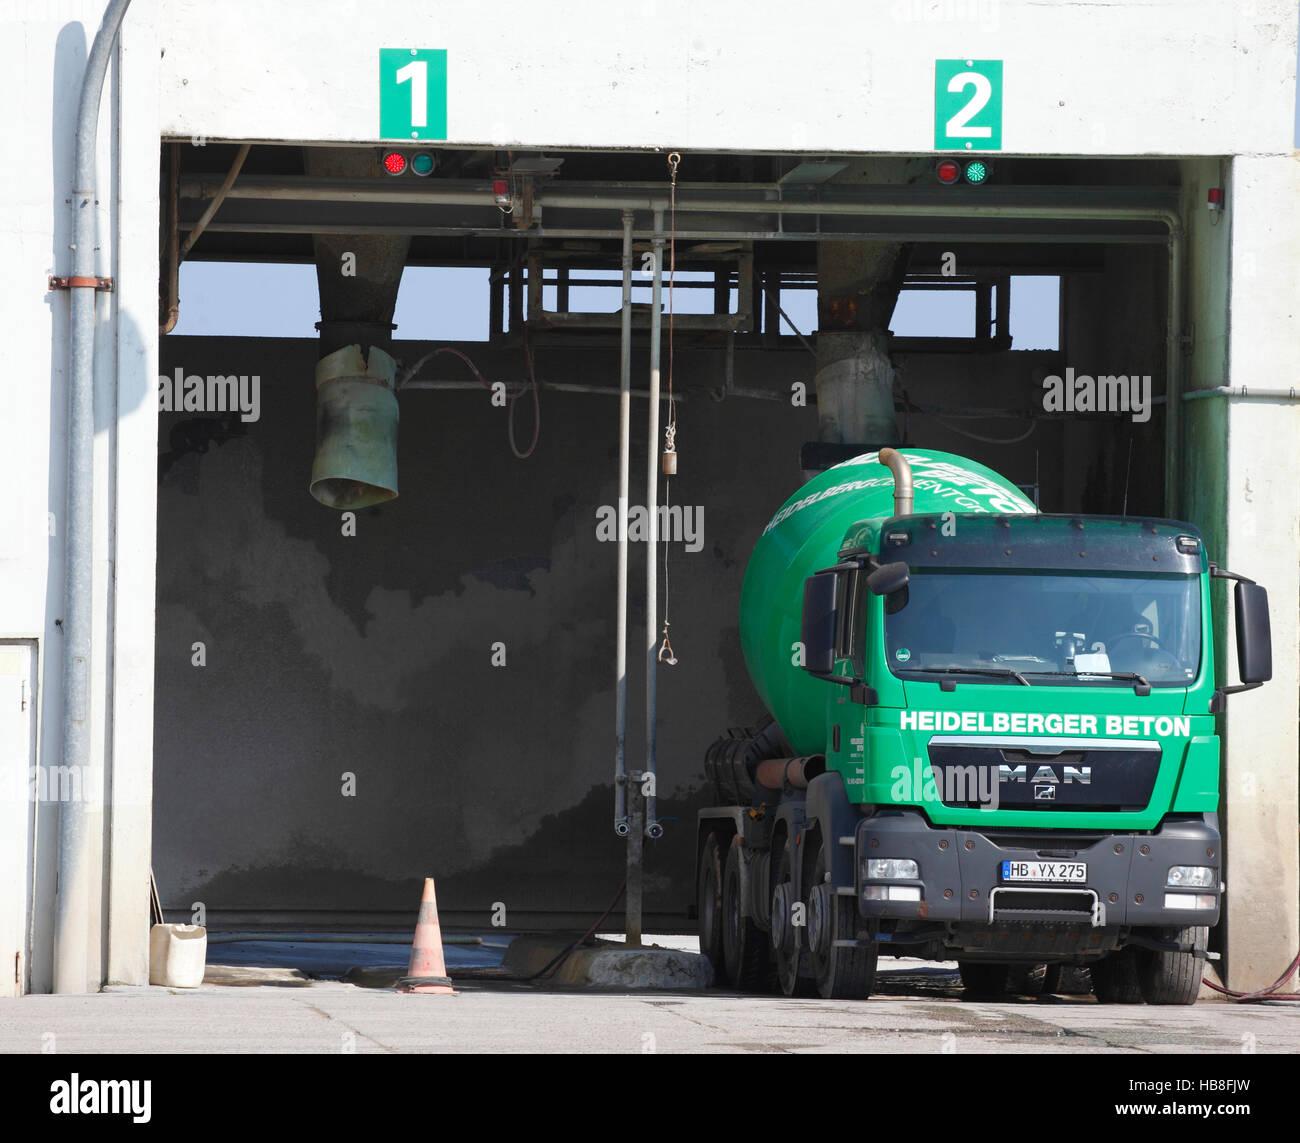 Betonmischer wird aufgefüllt, Heidelberger Beton, Fabrikgebäude, Hemelinger Hafen, Bremen, Deutschland Stockbild